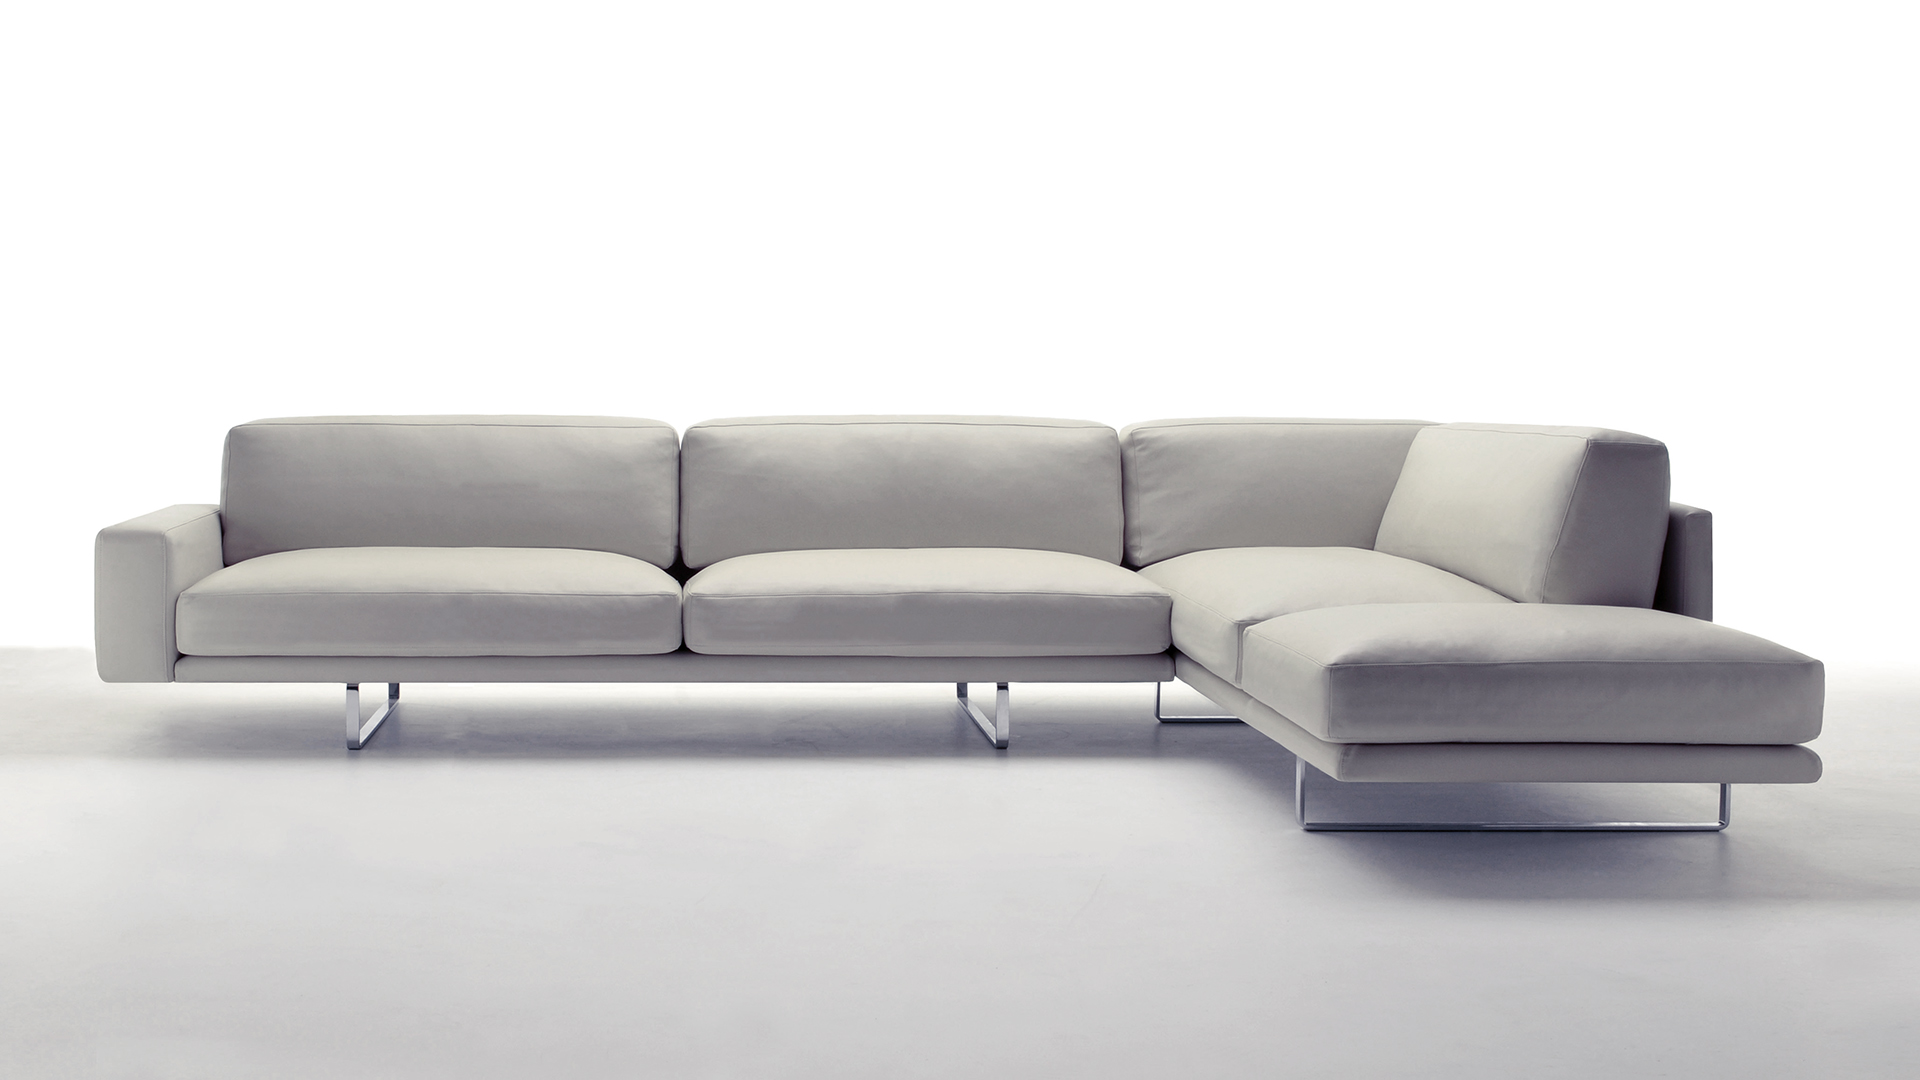 divano-angolare-di-design-matt-murtarelli